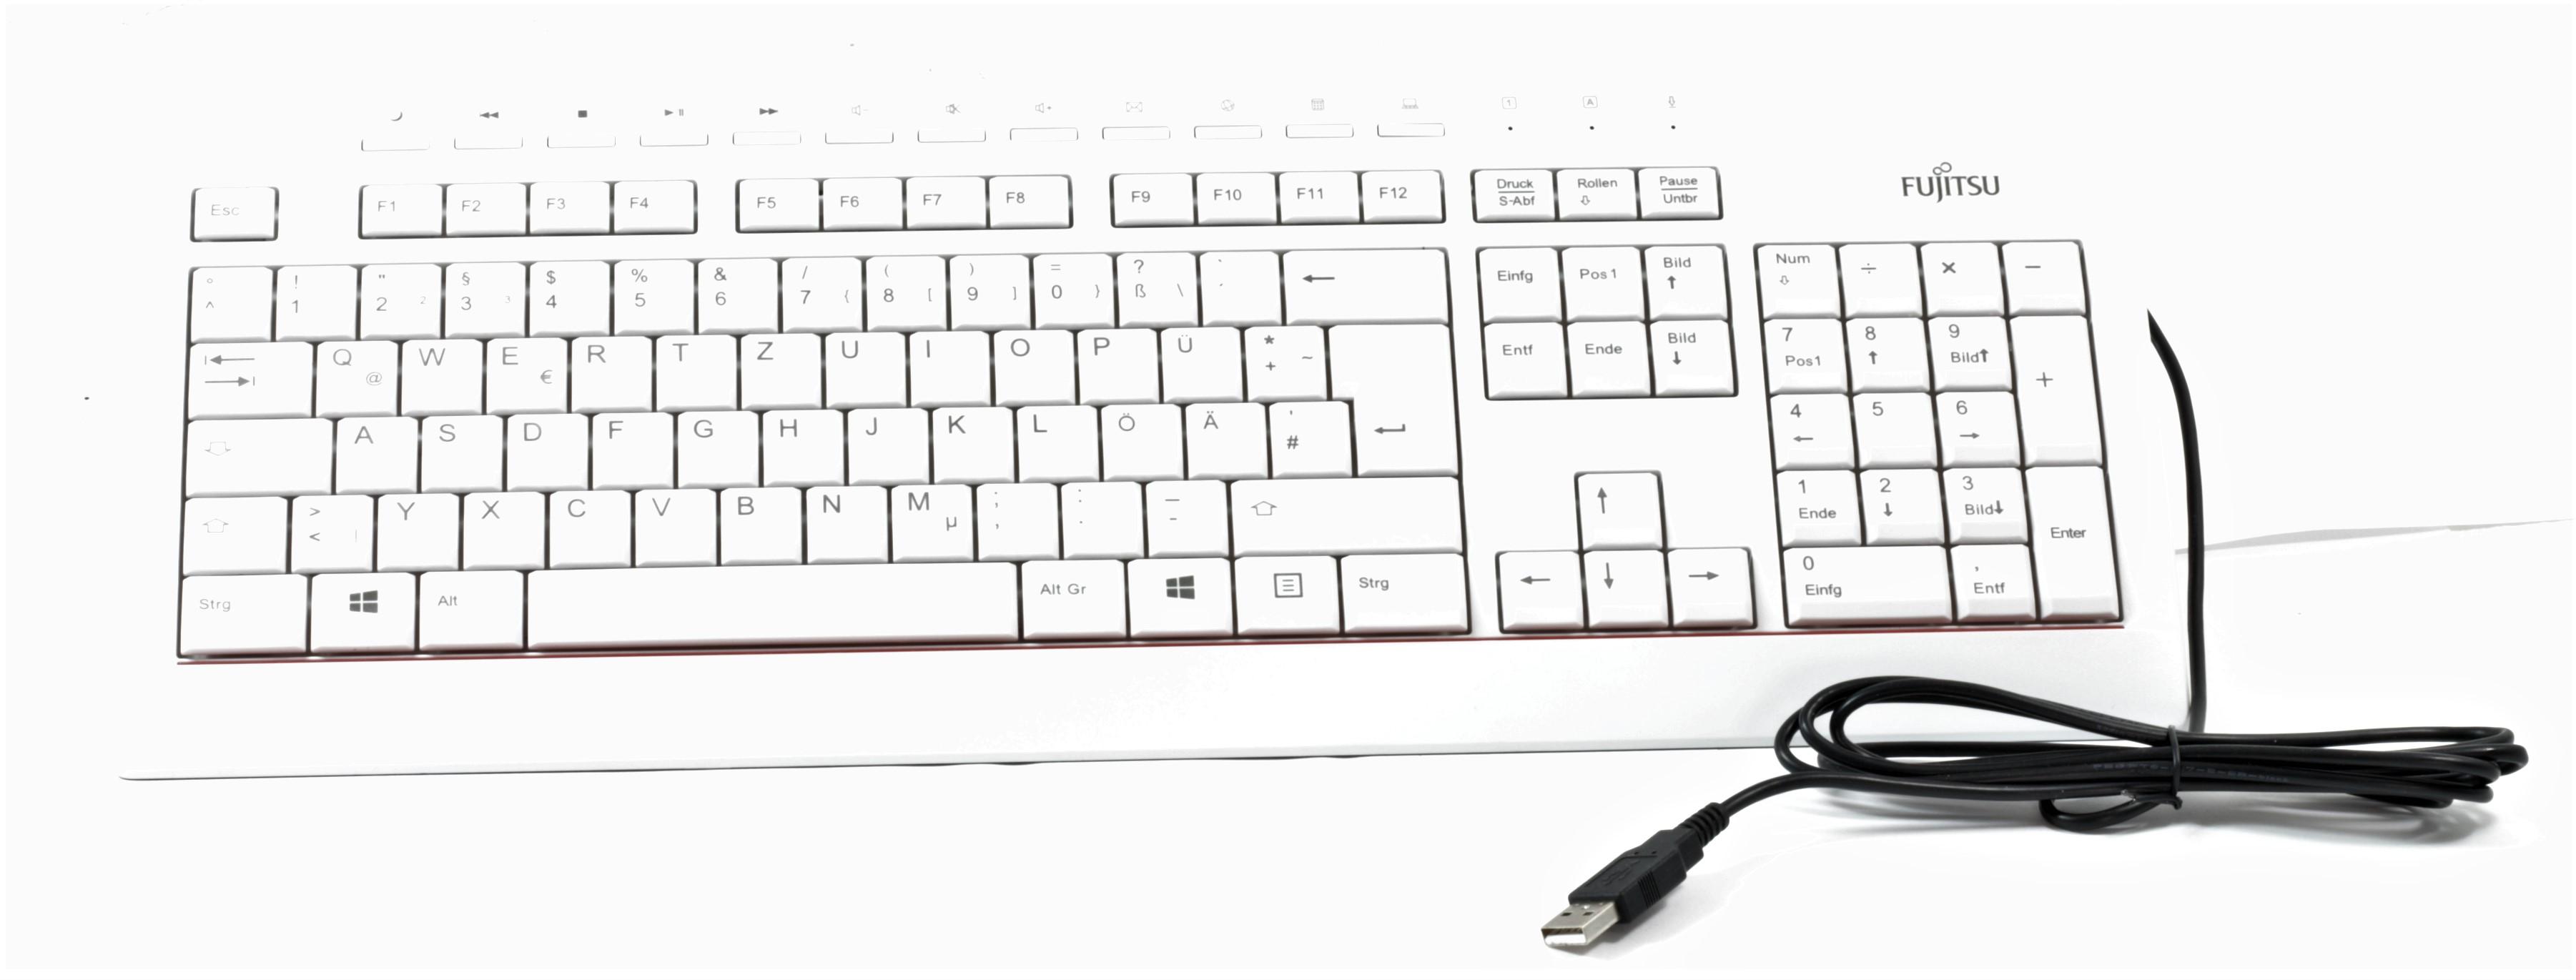 Fujitsu Tastatur KB521 DE USB Deutsch weiß/grau kabelgebunden QWERTZ